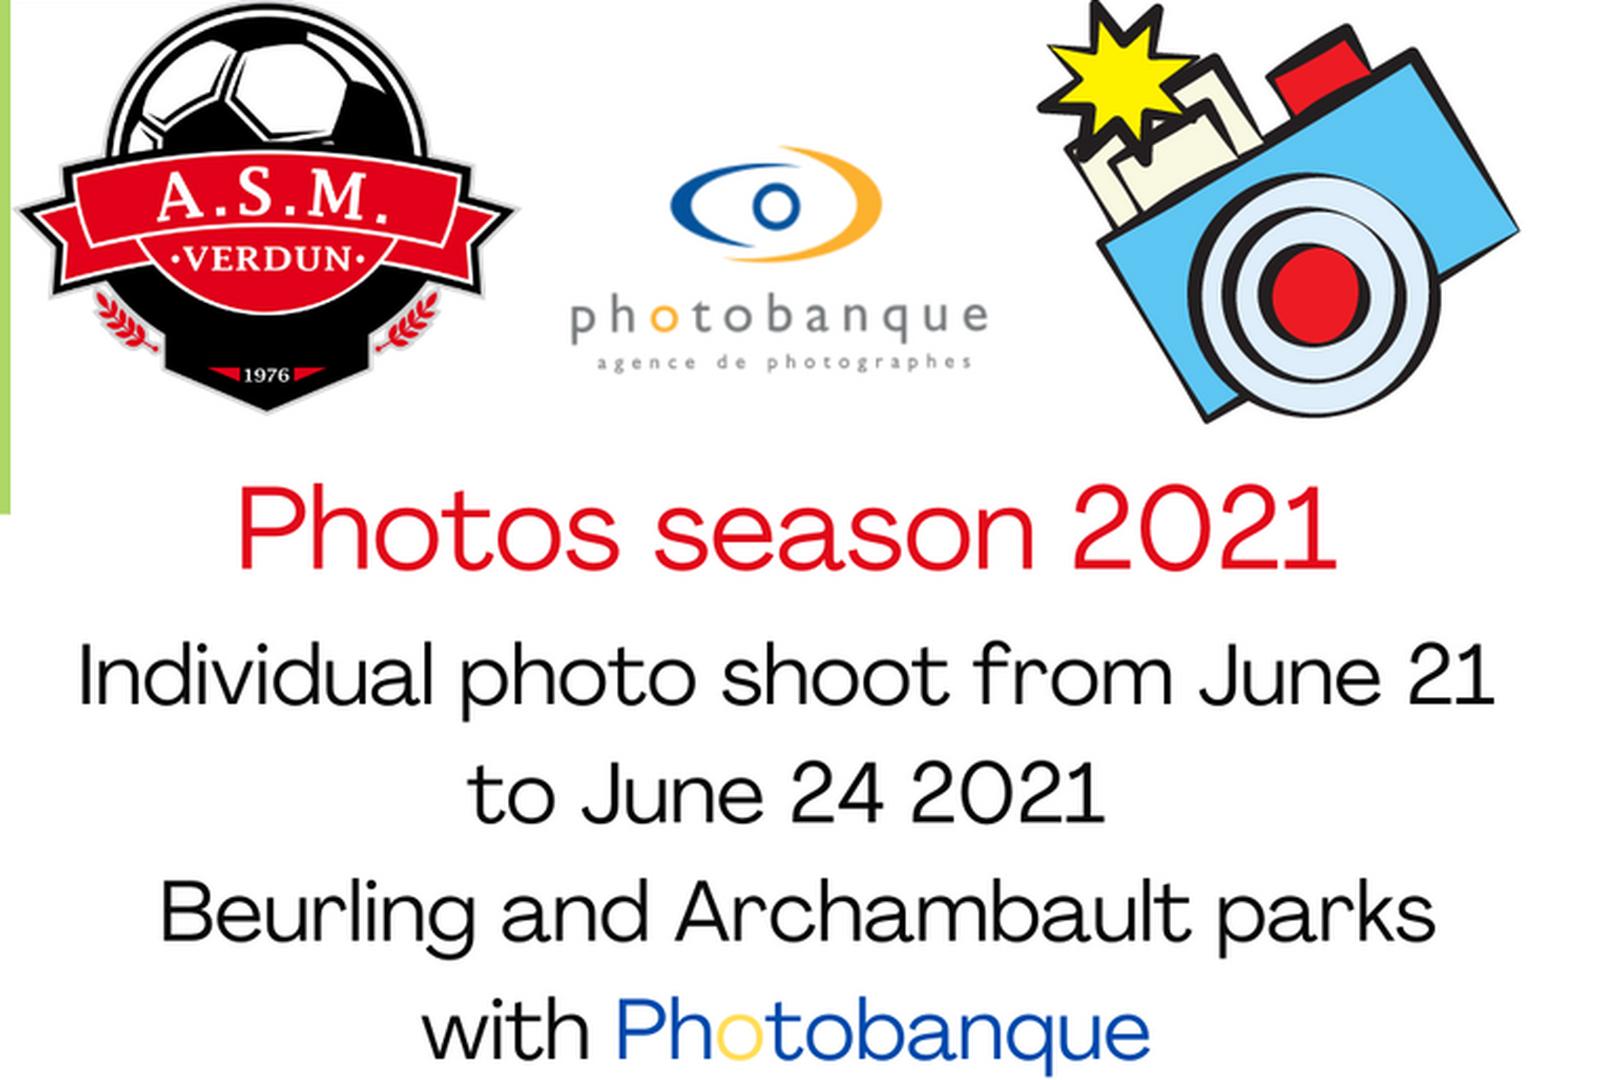 Photos 2021 season